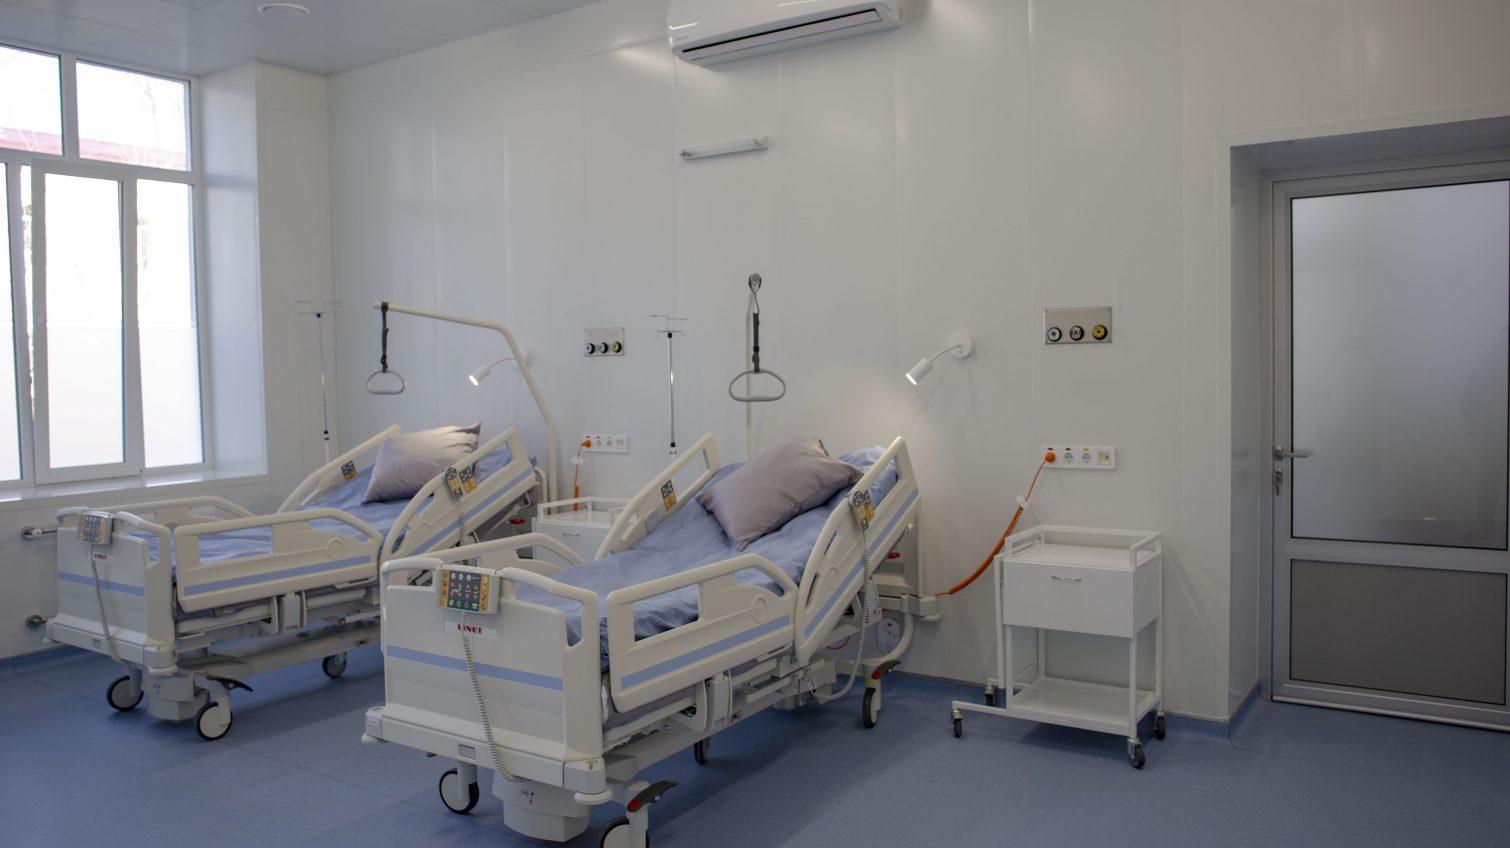 В Еврейской больнице открывают новое отделение анестезиологии и интенсивной терапии (фото) «фото»